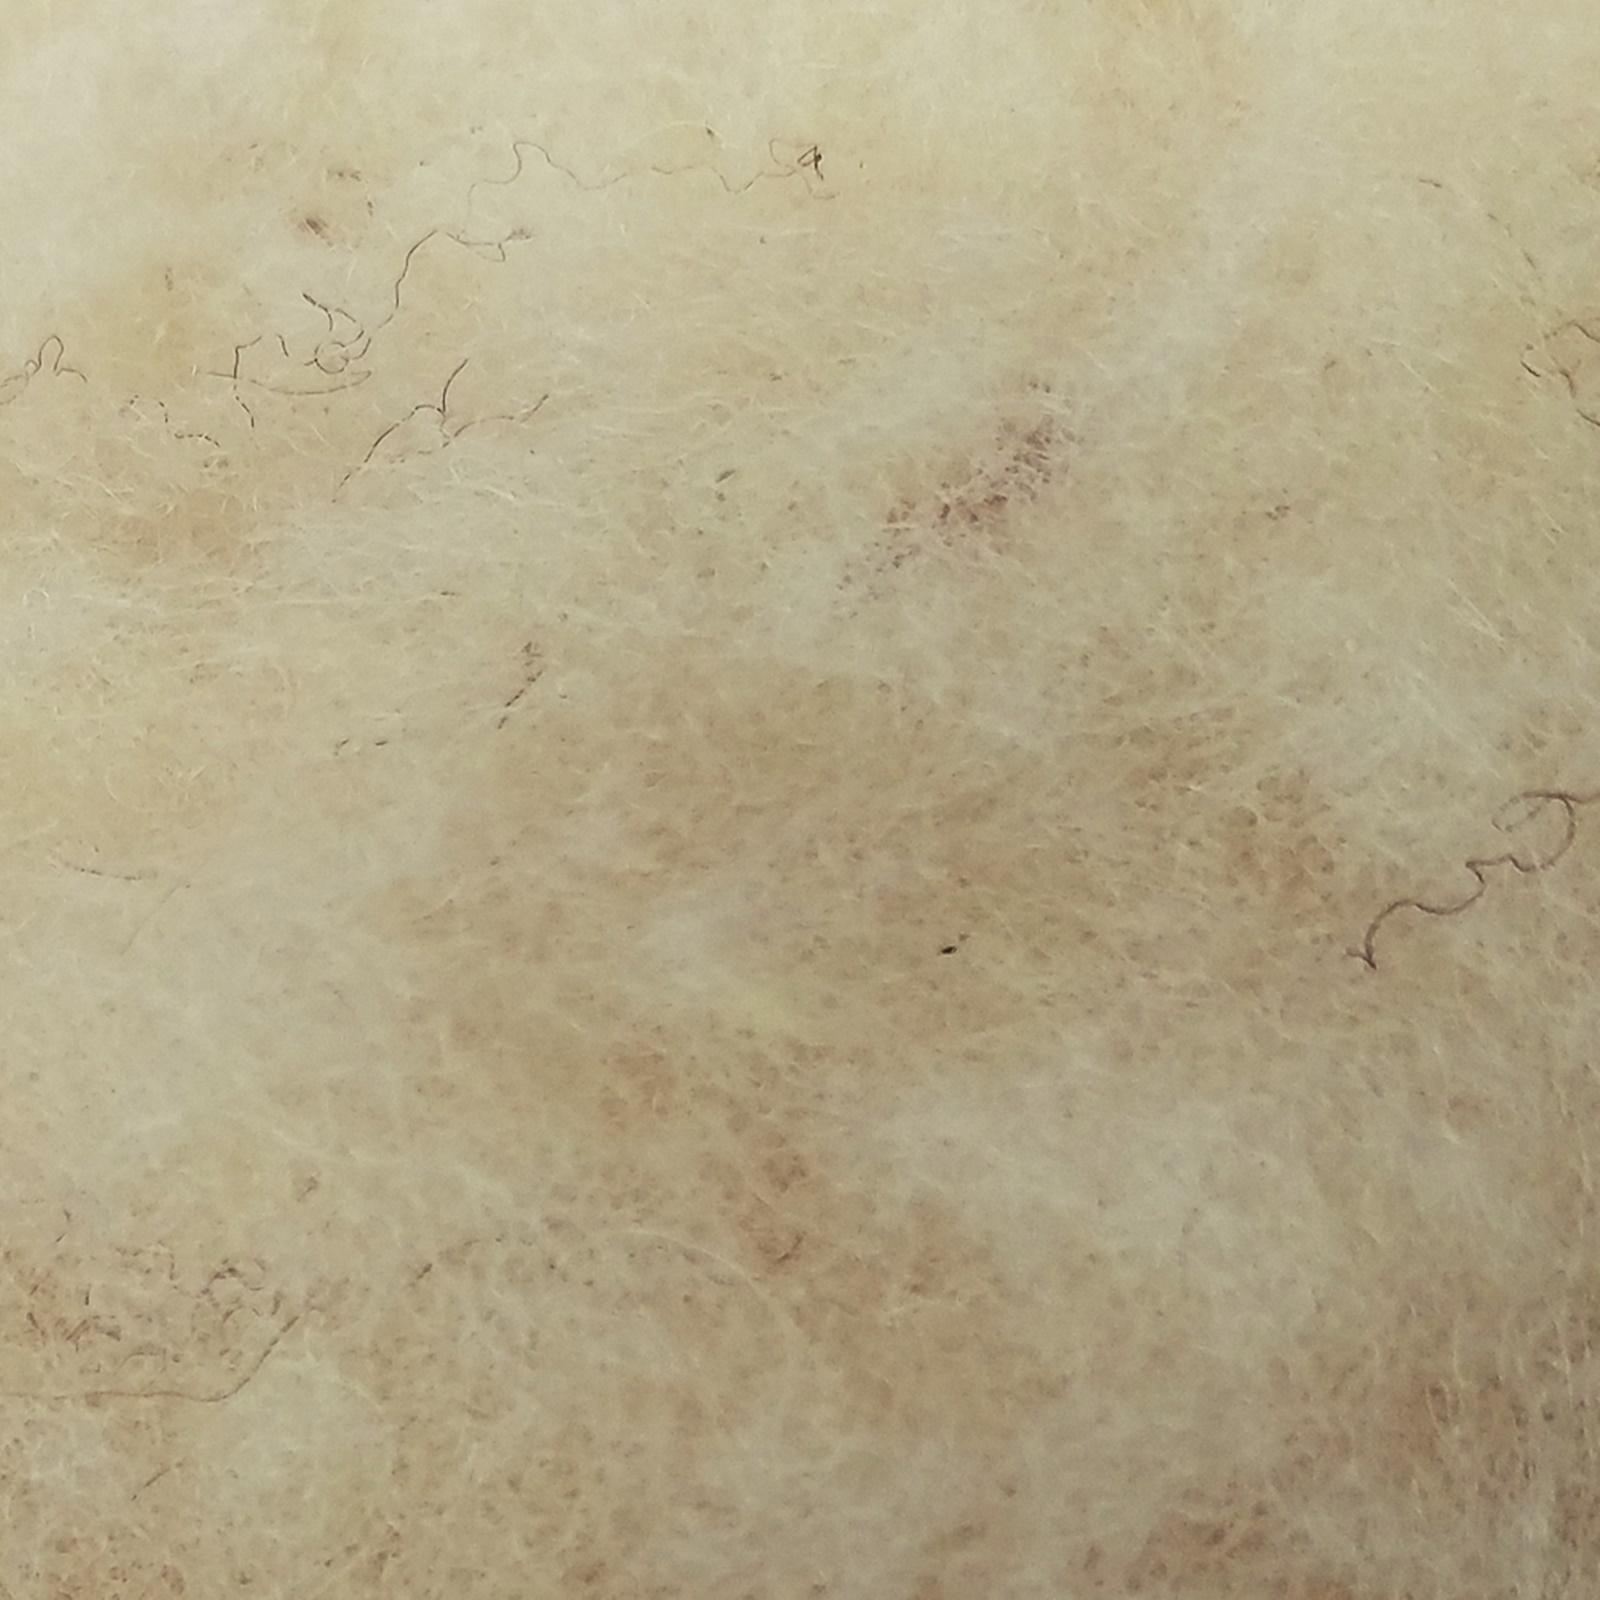 lana alb(natur)